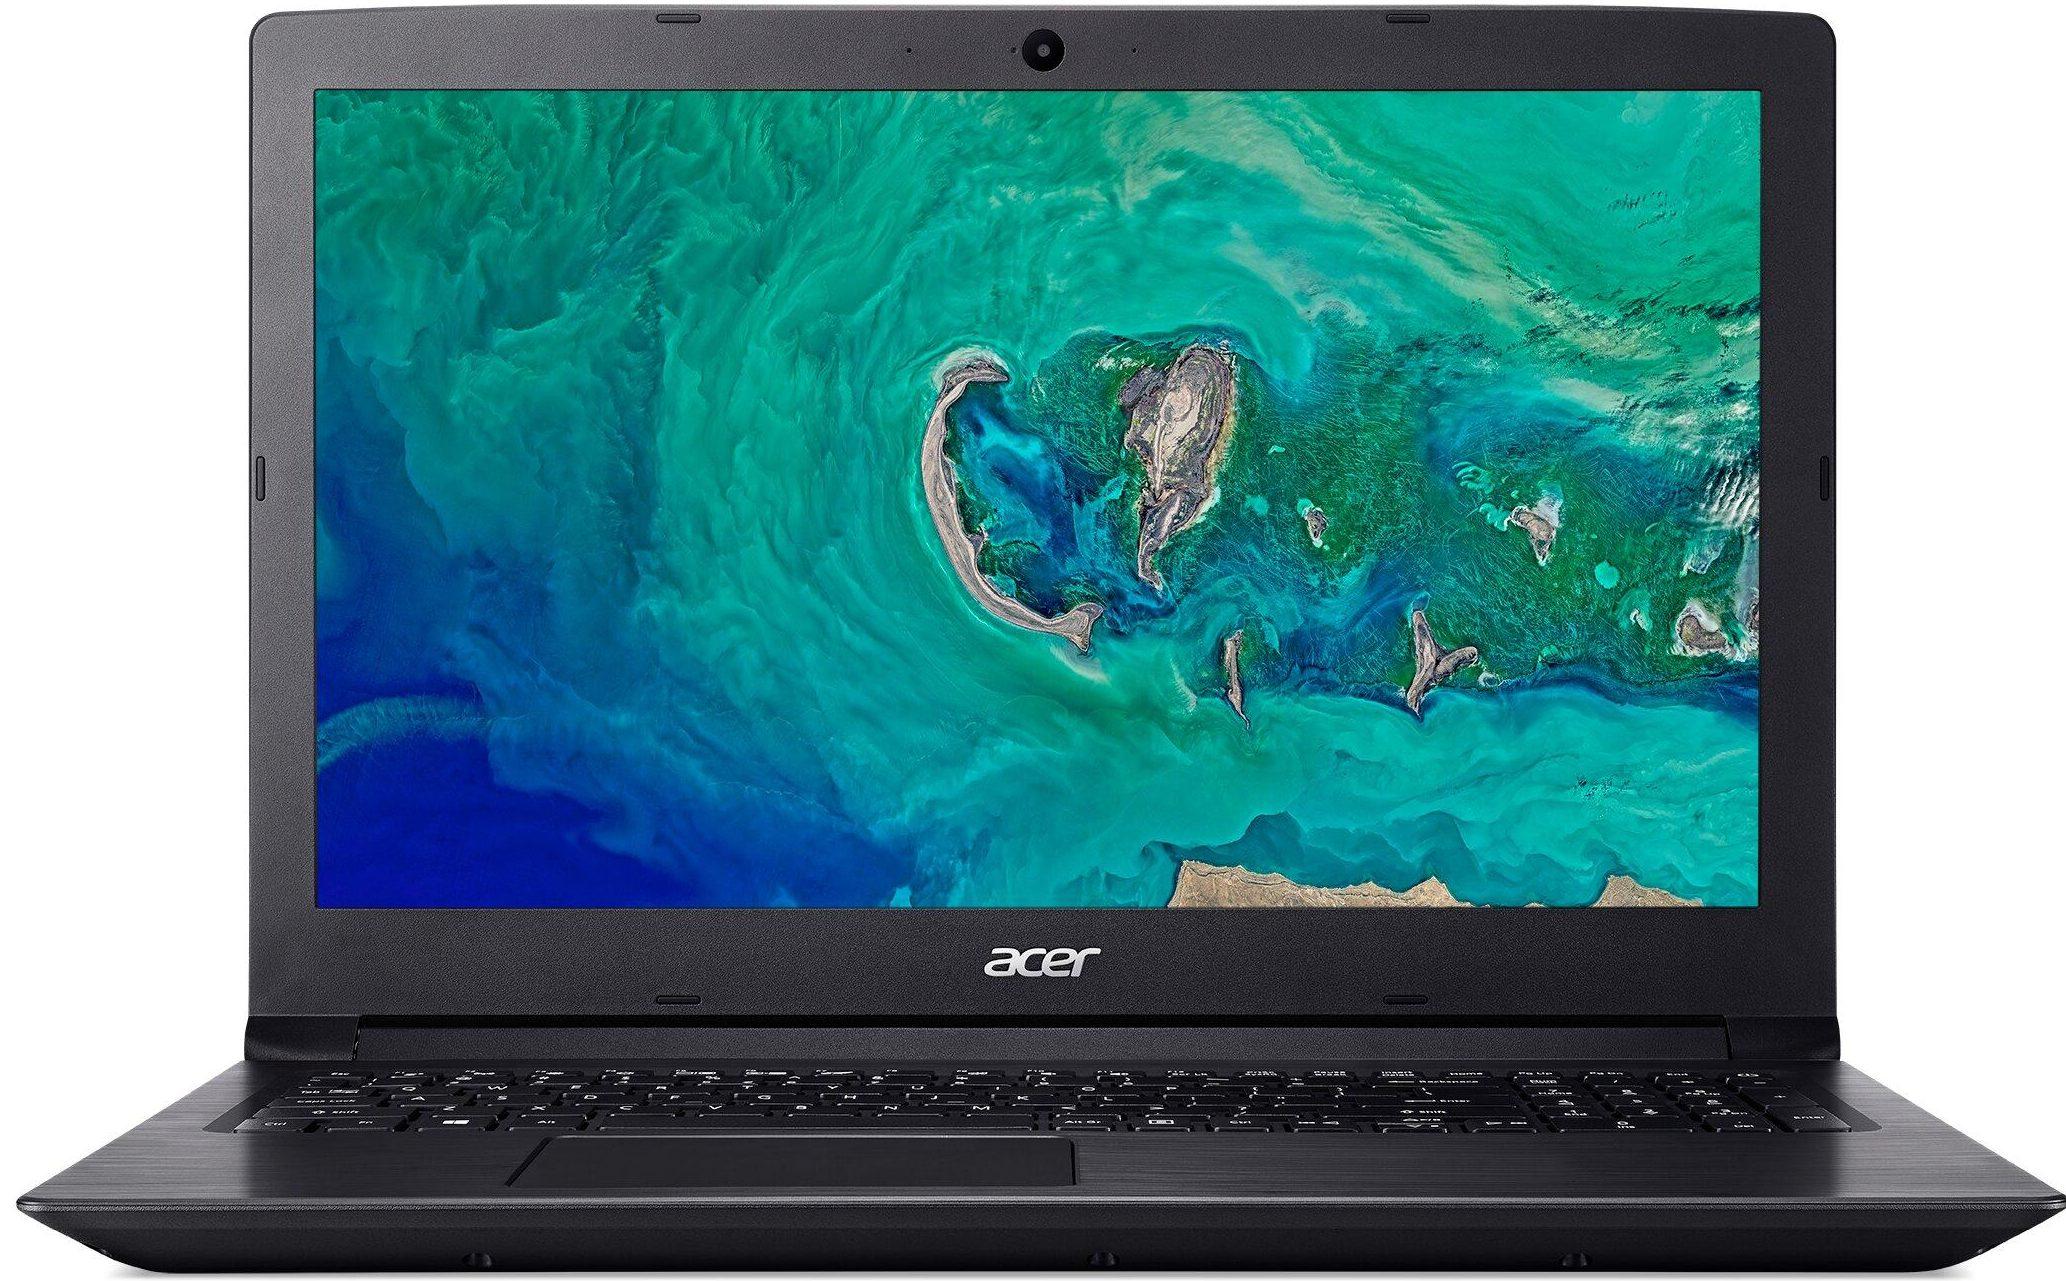 Acer Aspire 3 A315-22-686C (1)